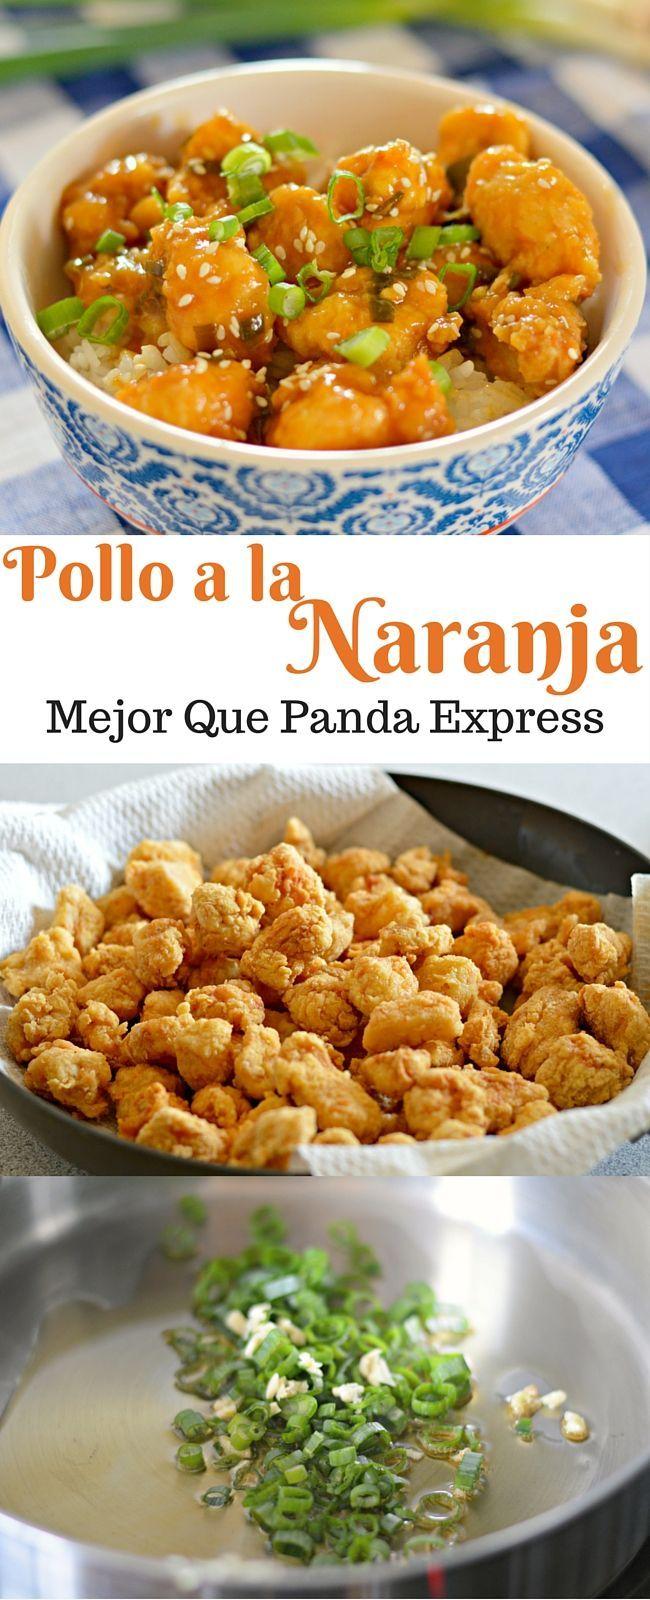 Pollo a la naranja mejor sabor que el de panda express recipe pollo a la naranja mejor sabor que el de panda express recipe foods recipes and gourmet forumfinder Choice Image